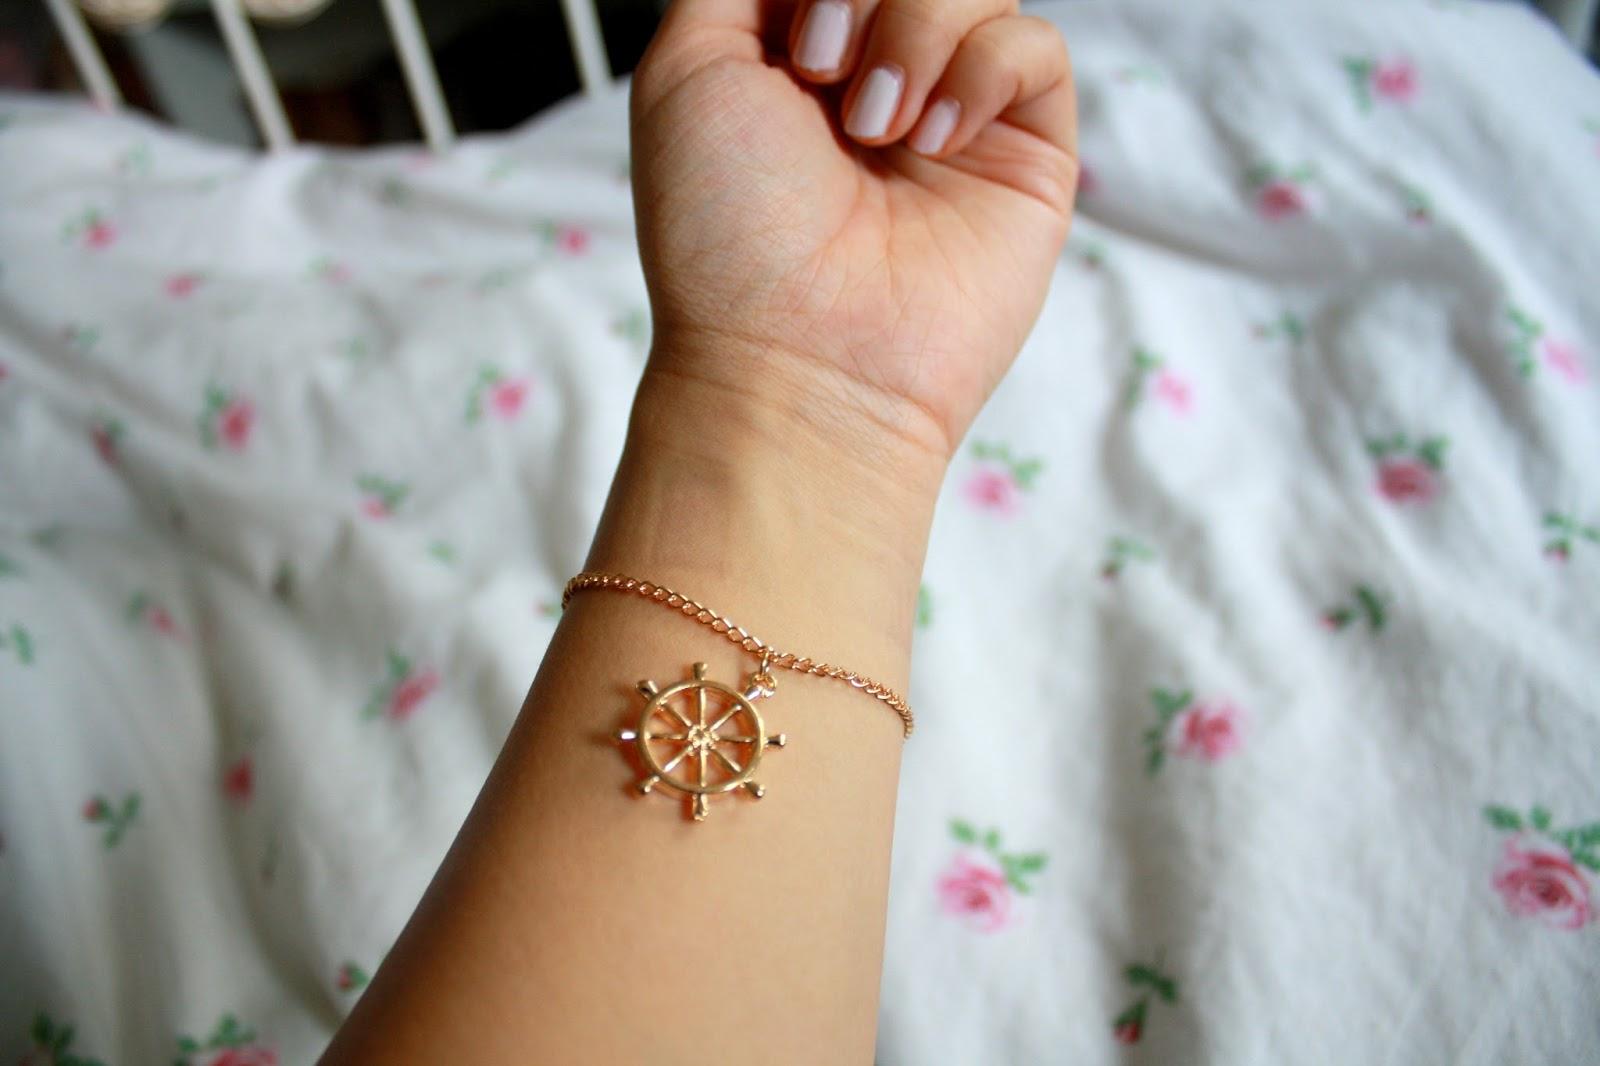 06a40642ce0f62 Außerdem habe ich auf KK noch dieses süße Armband ertauscht. Passend zu  meiner Vorliebe zu dem Marinelook :-D